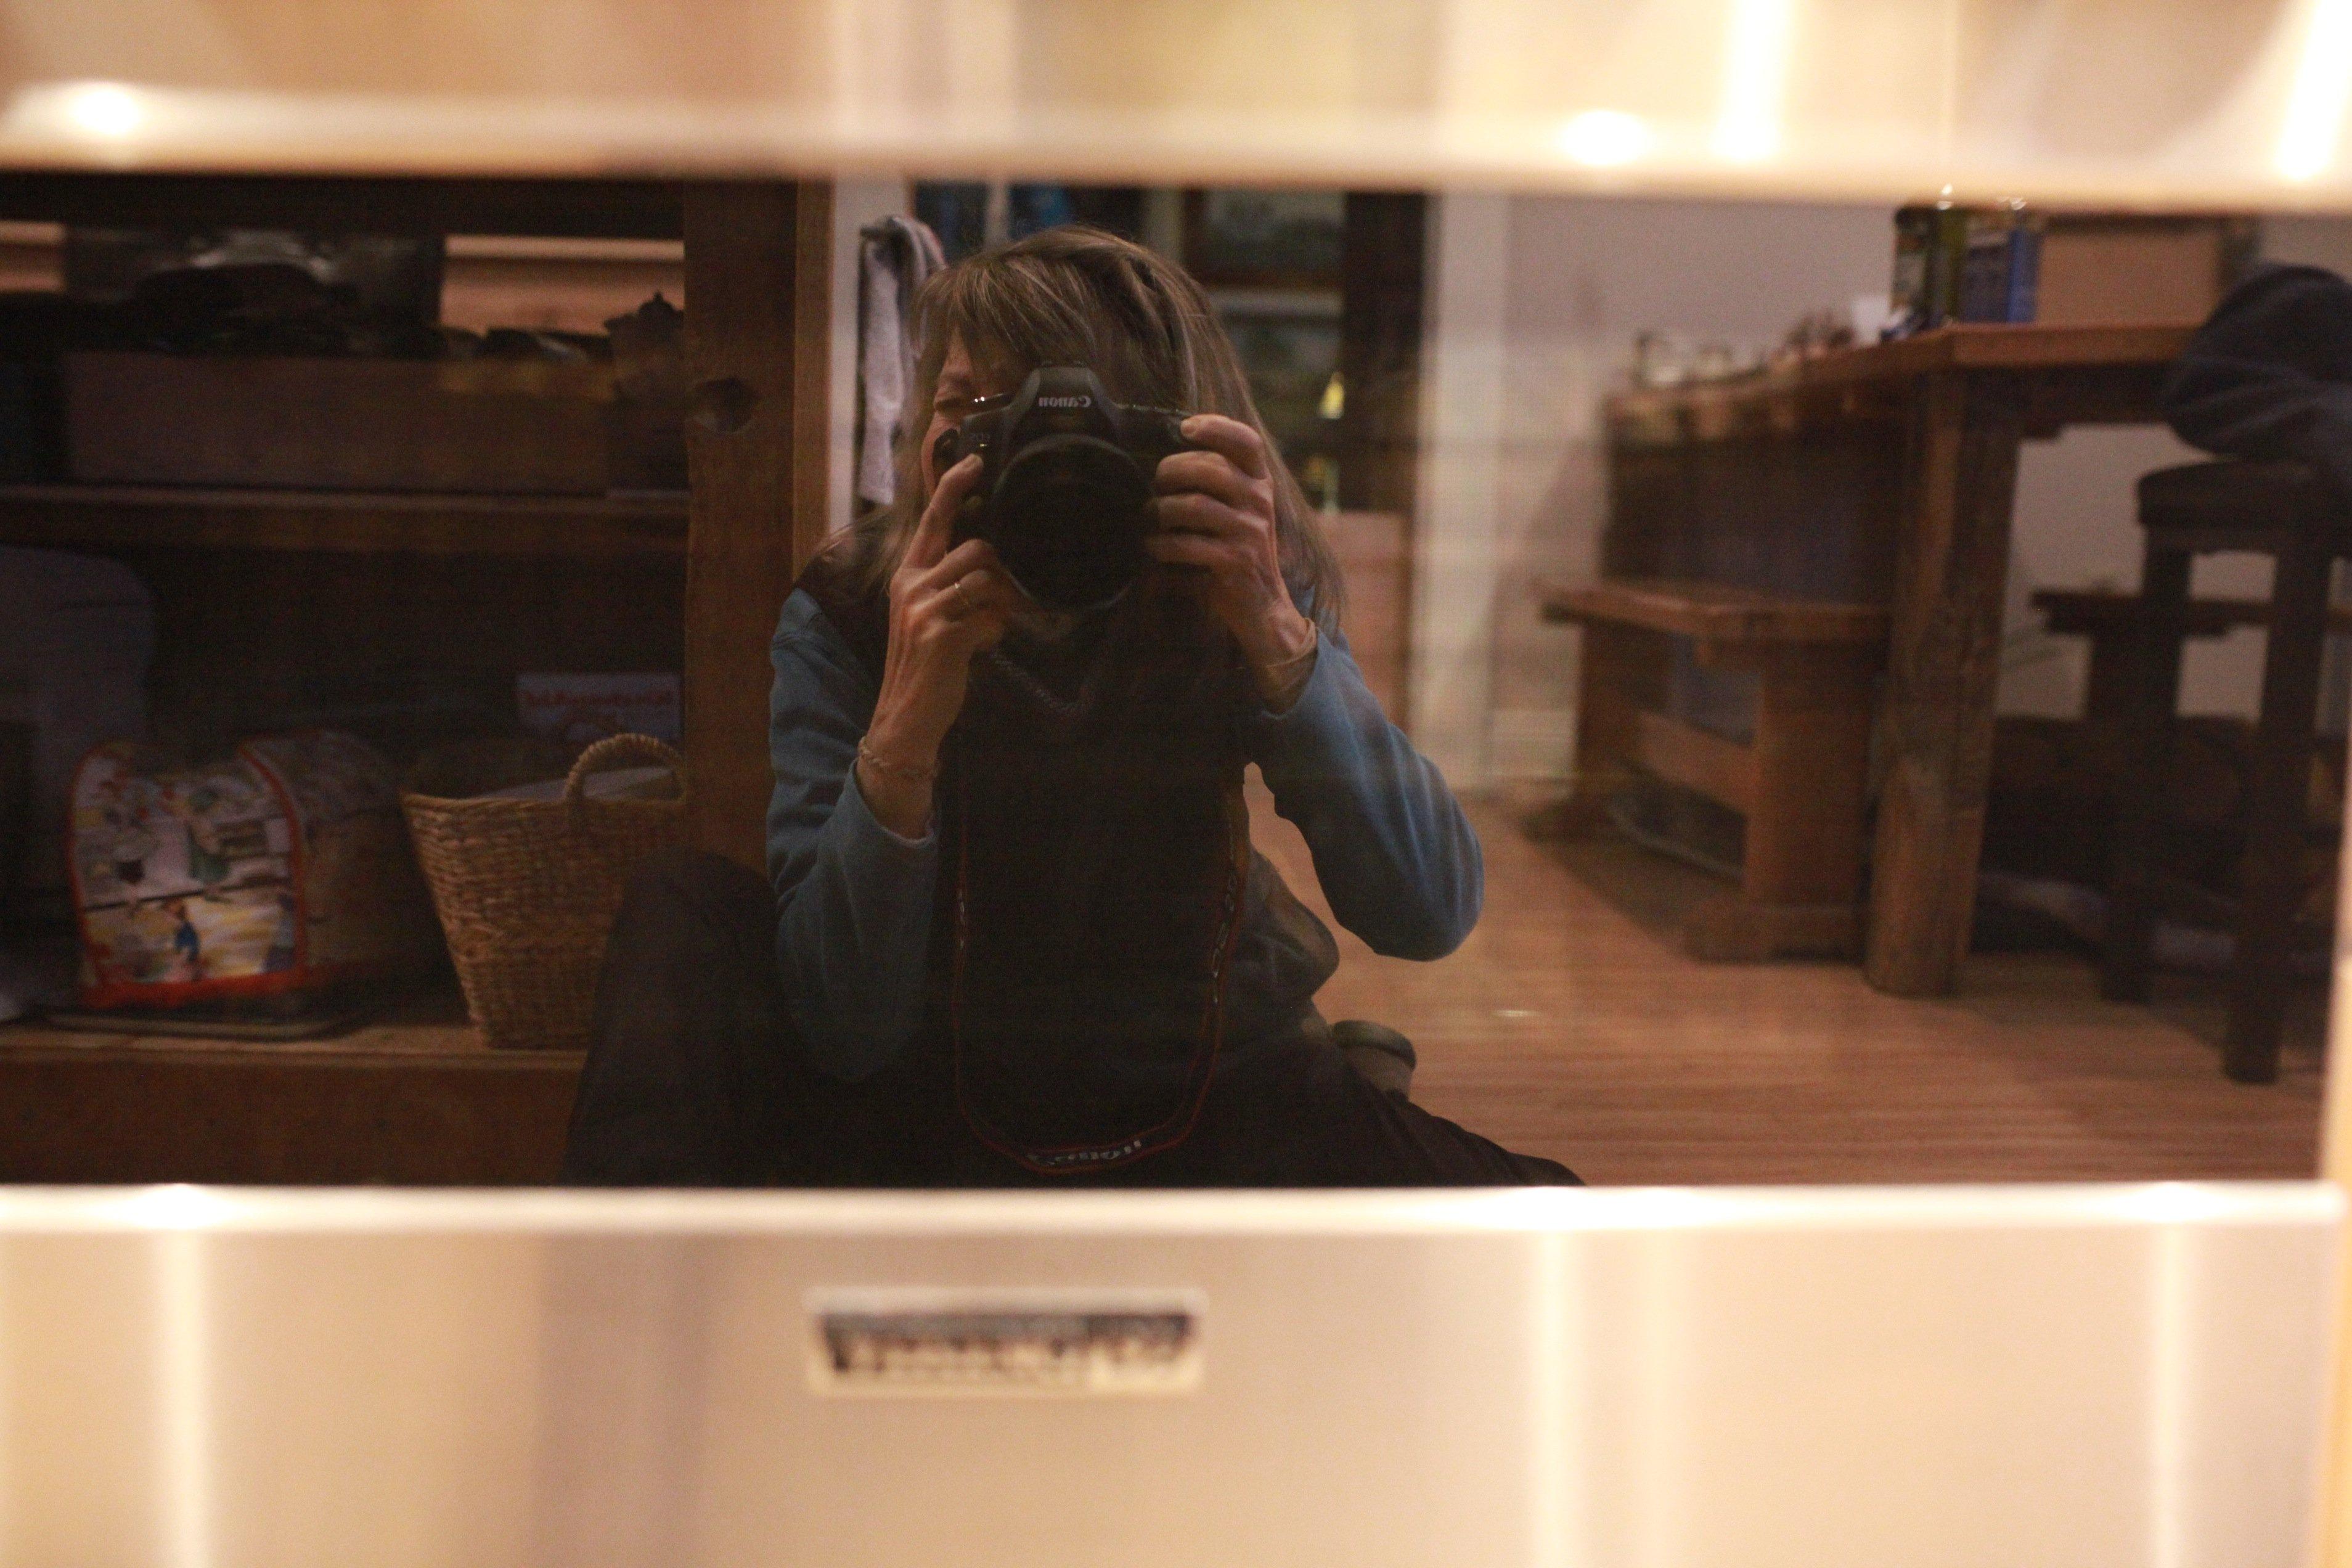 selfie in the oven